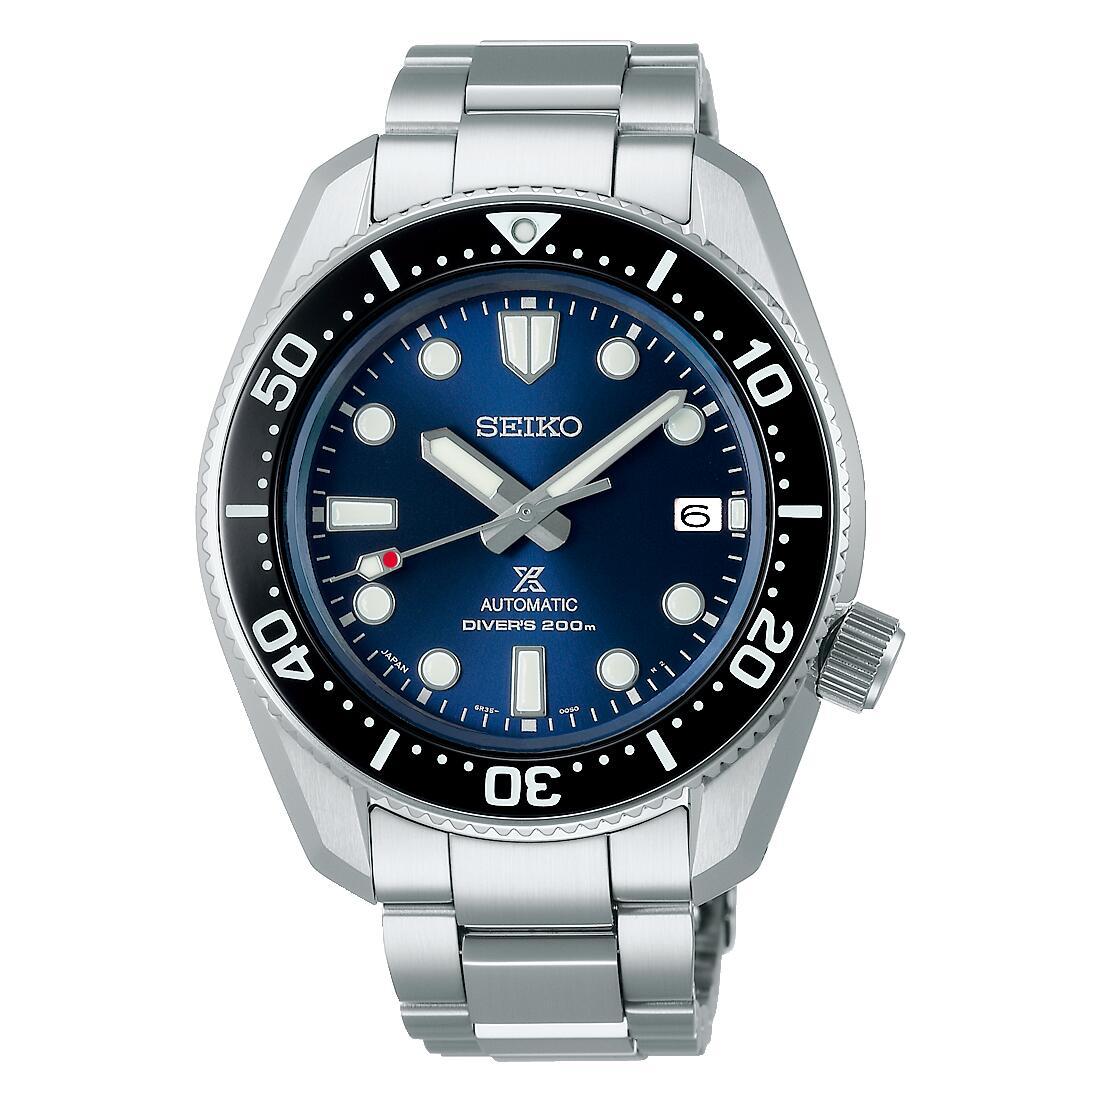 メンズ 腕時計 新品 セール品 正規品 SEIKO セイコー PROSPEX ダイバースキューバ メカニカルダイバーズ SBDC127 1着でも送料無料 1968 プロスペックス 現代デザイン